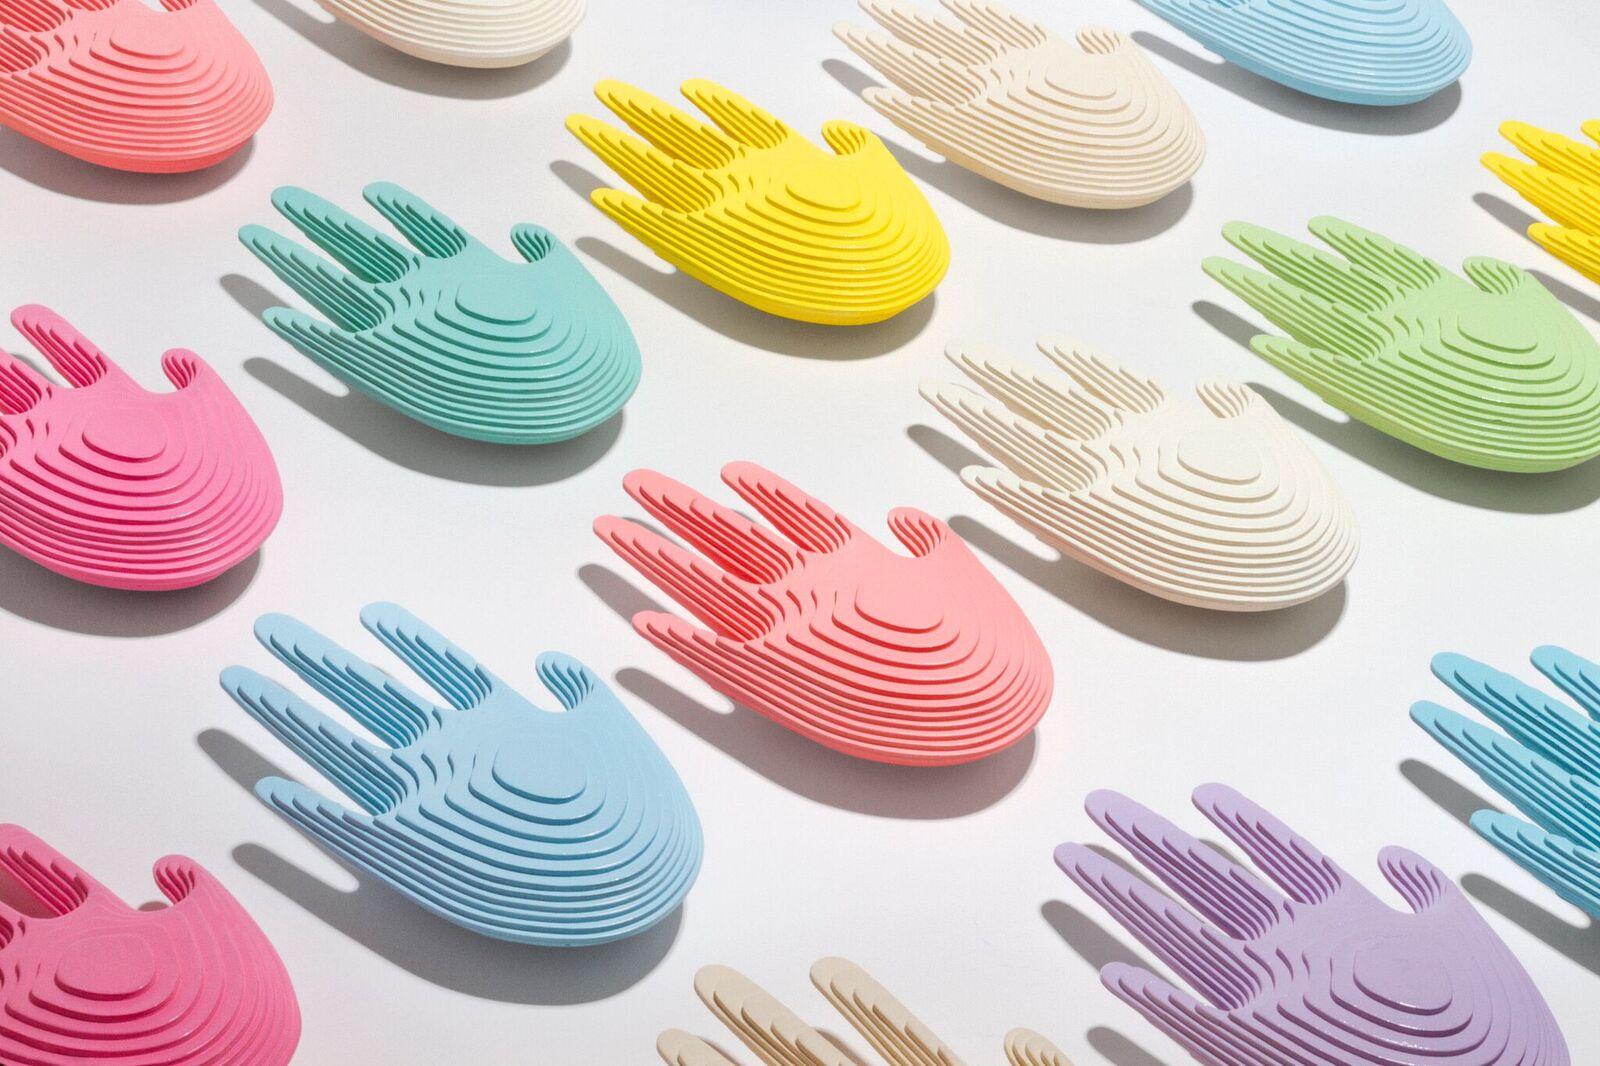 Pablo Delcan – Hands